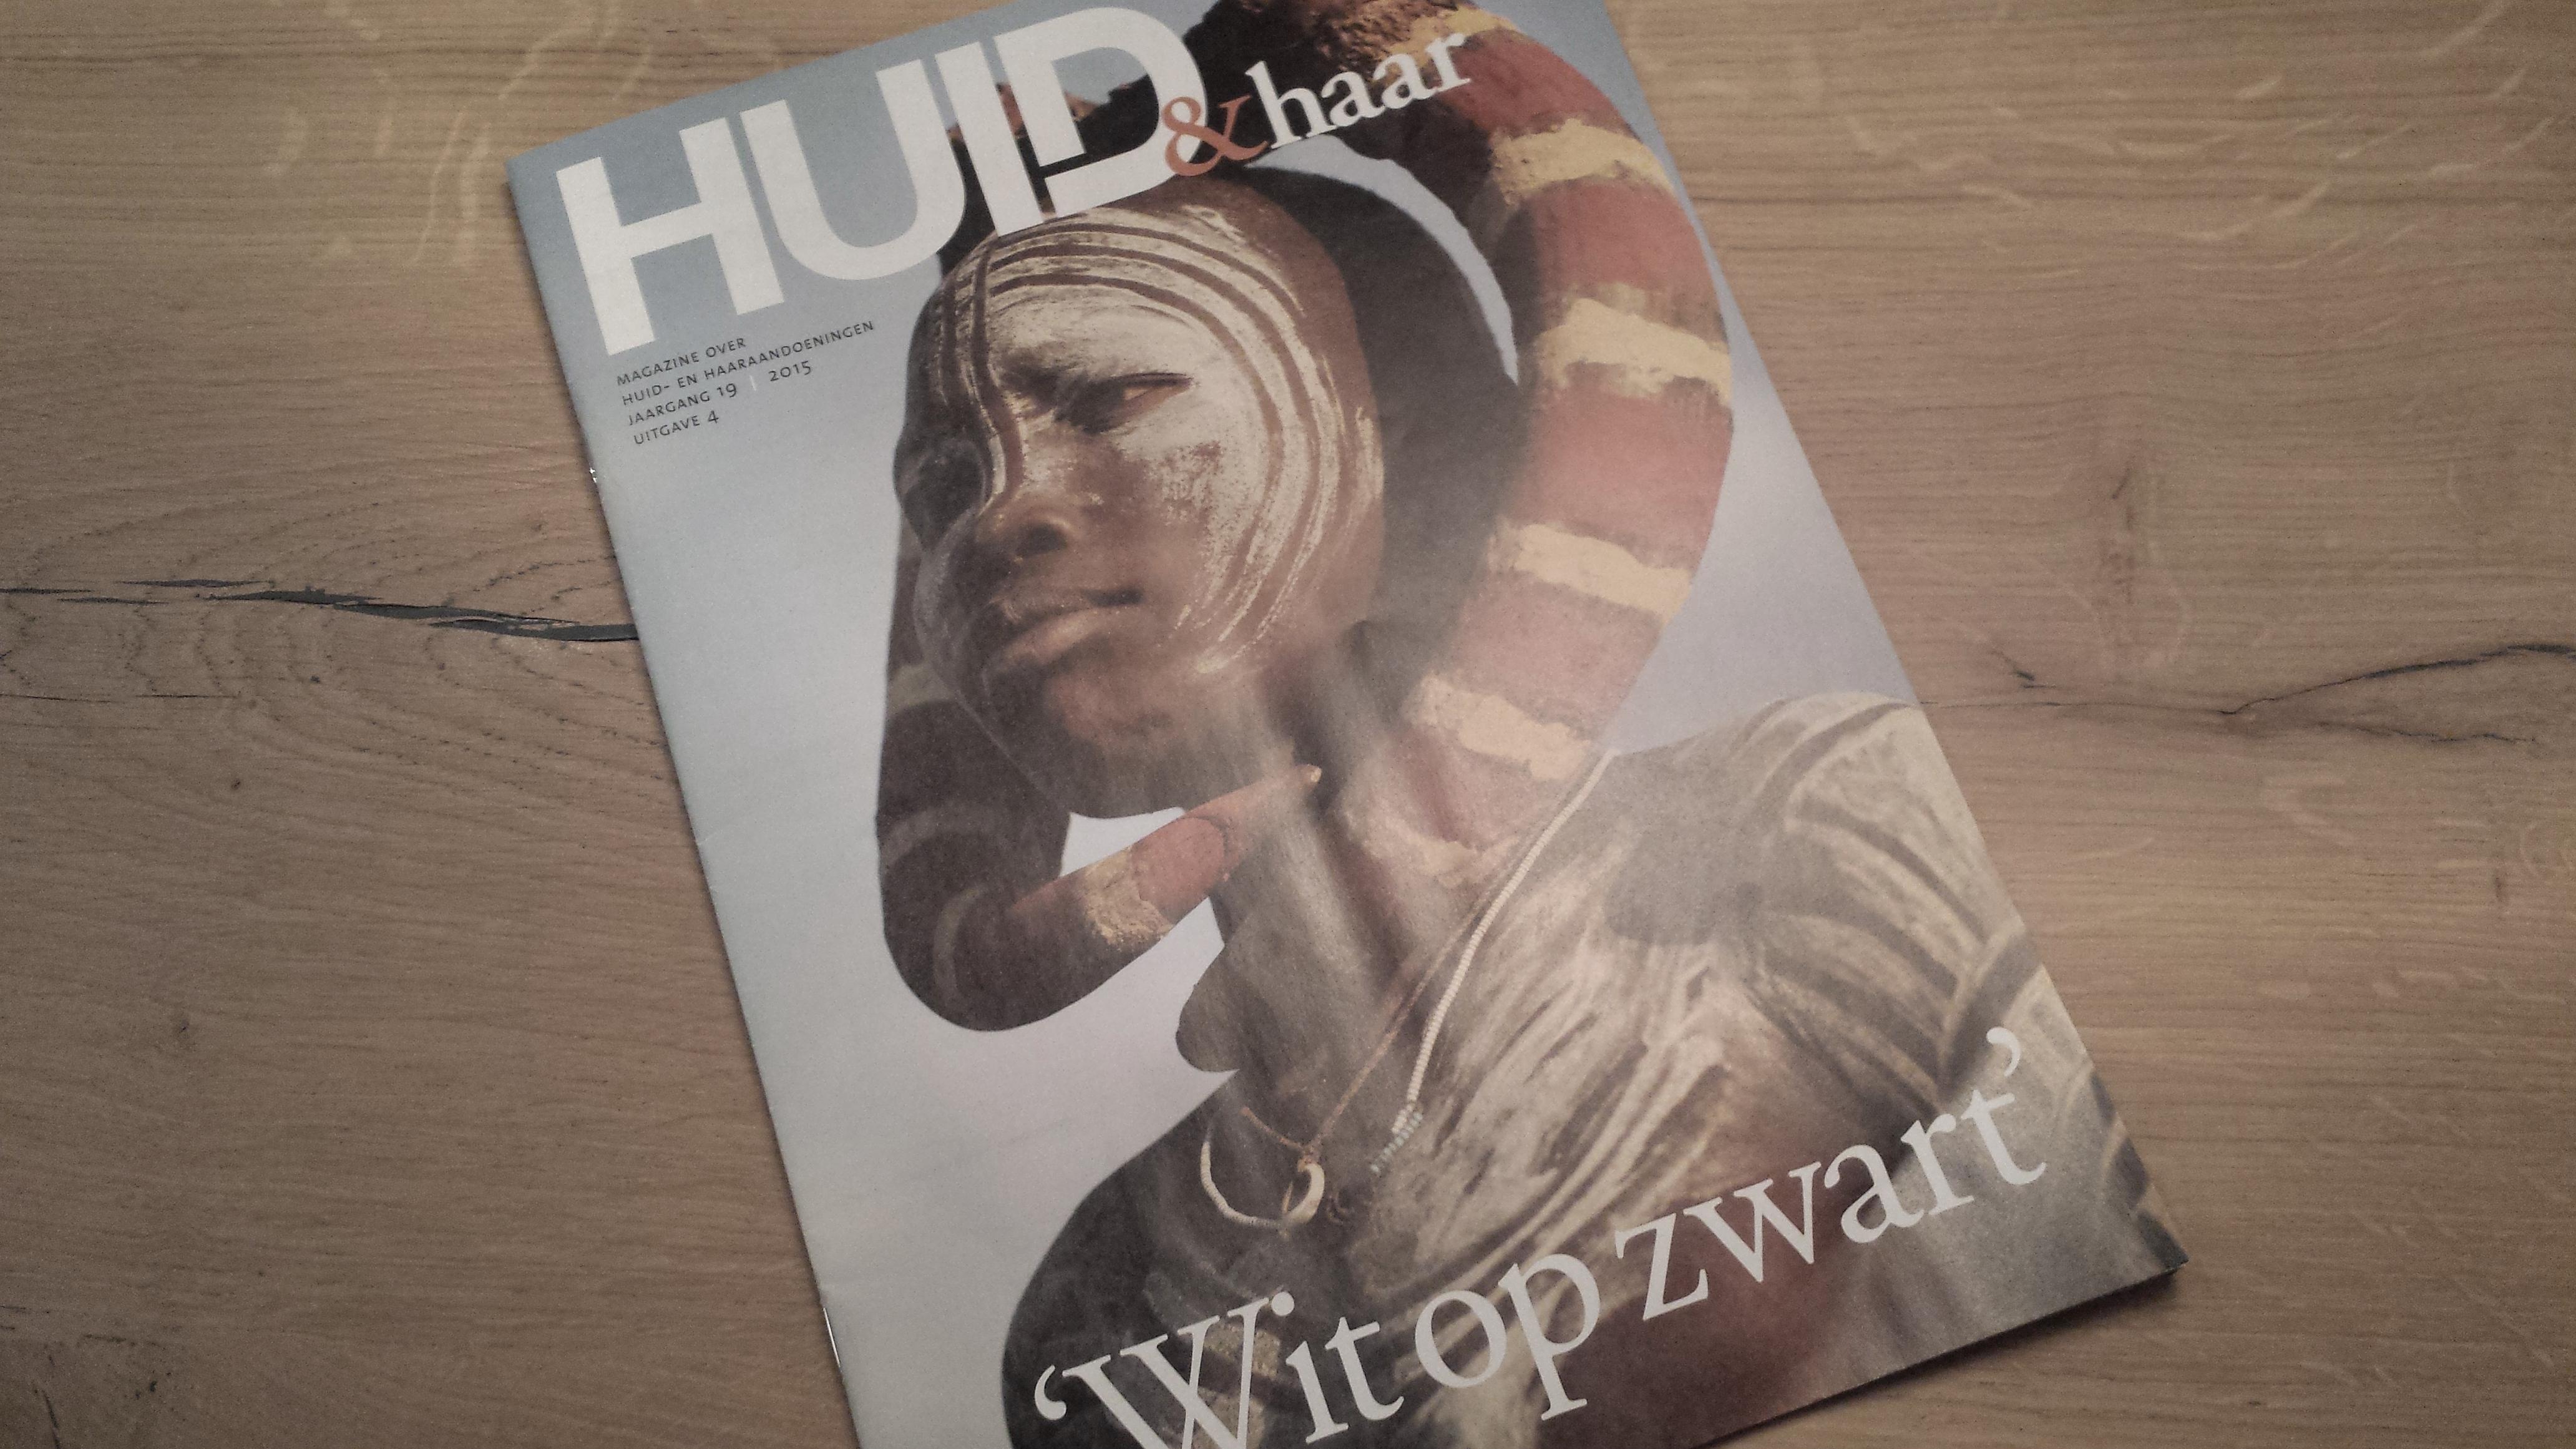 HUID&haar interview HUYD